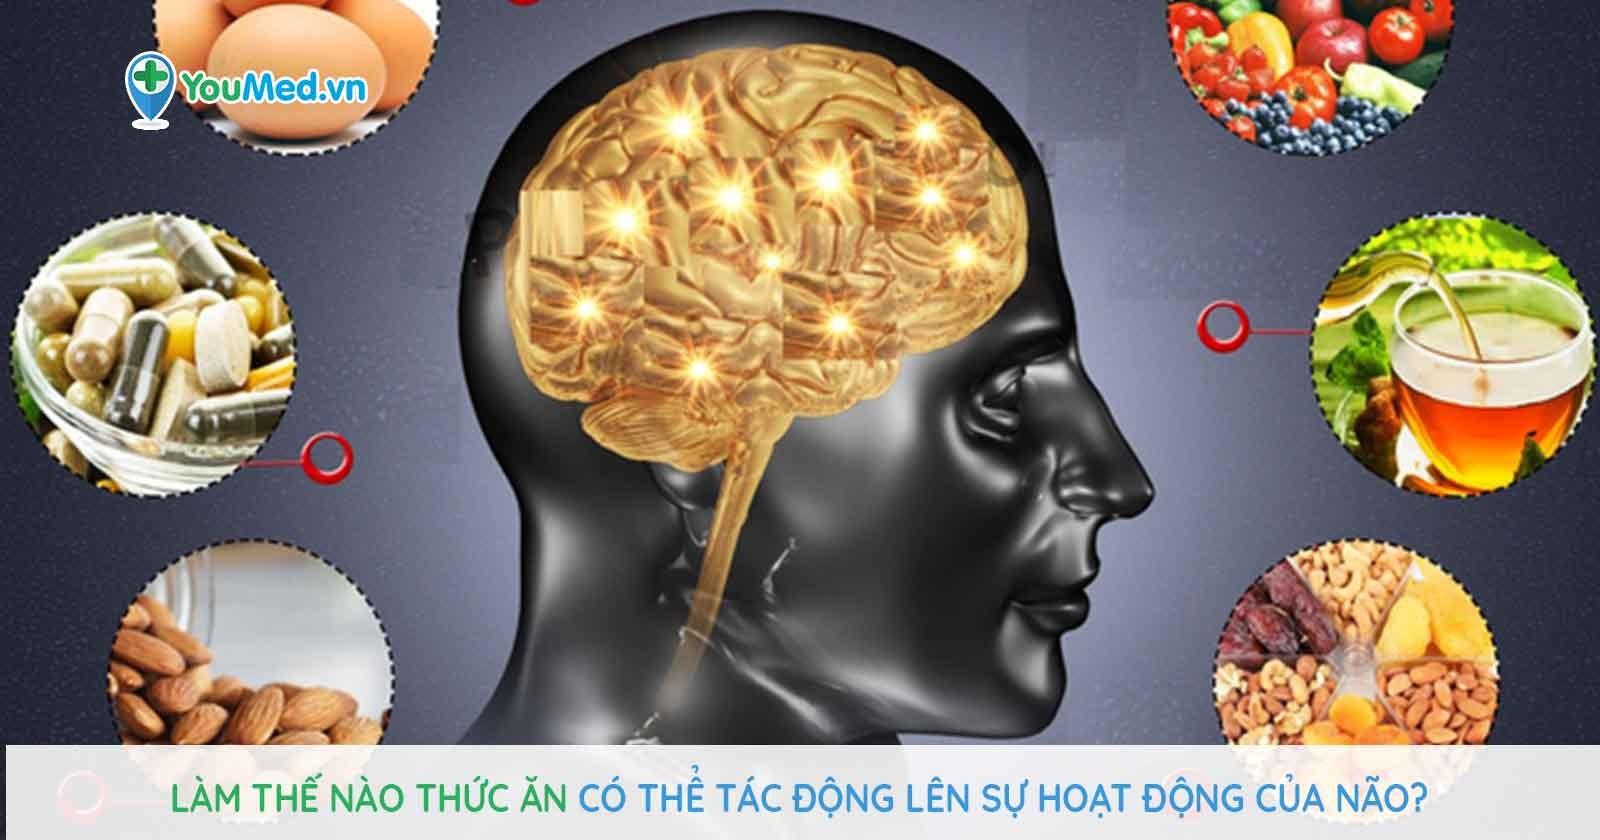 Làm thế nào thức ăn có thể tác động lên sự hoạt động của não?